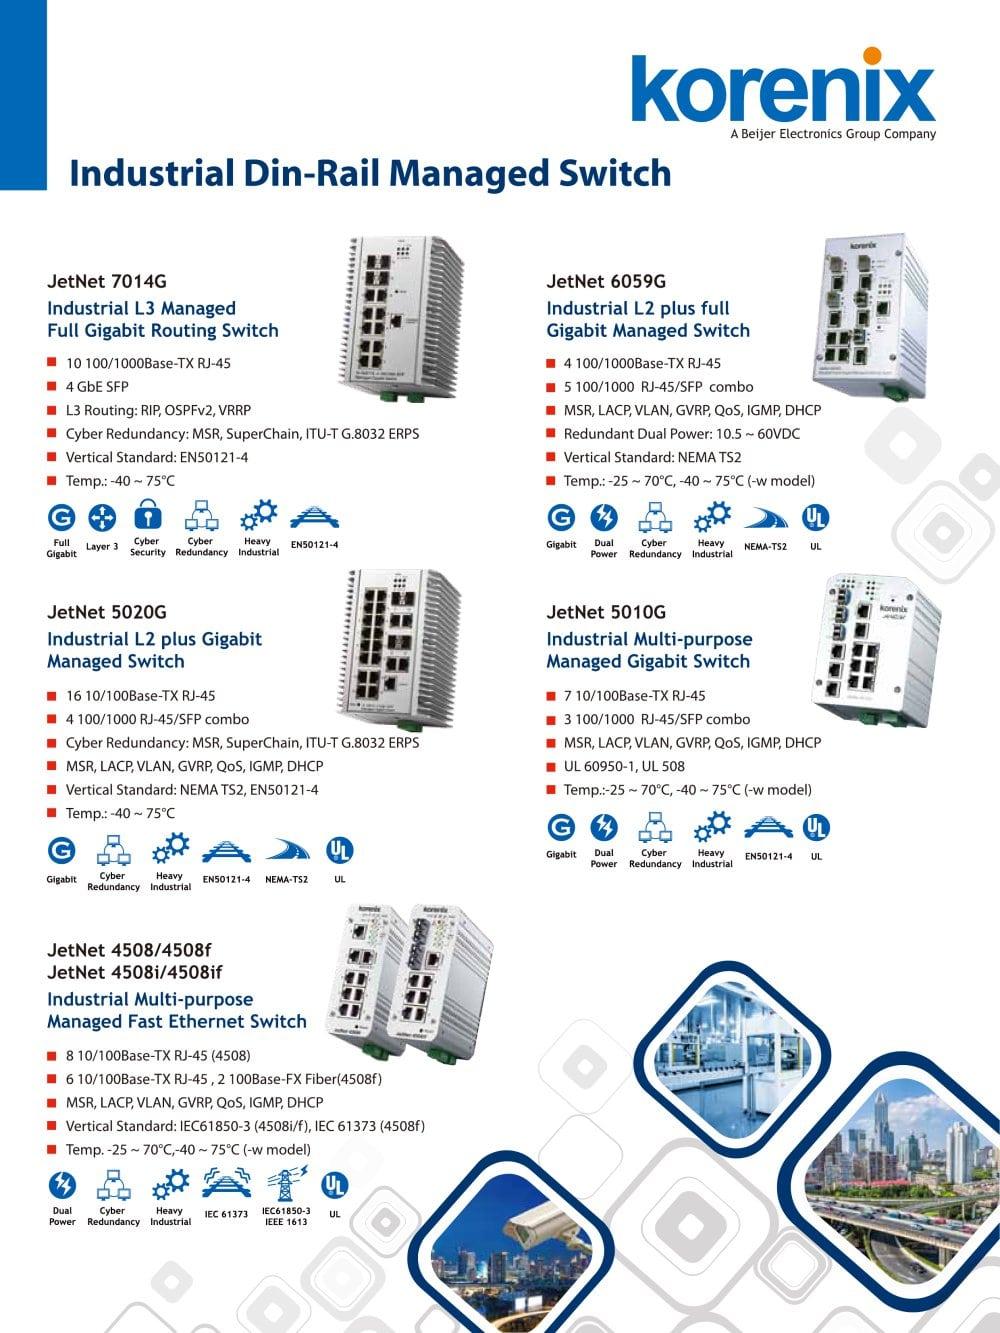 korenix industrial ethernet switch one page flyer korenix